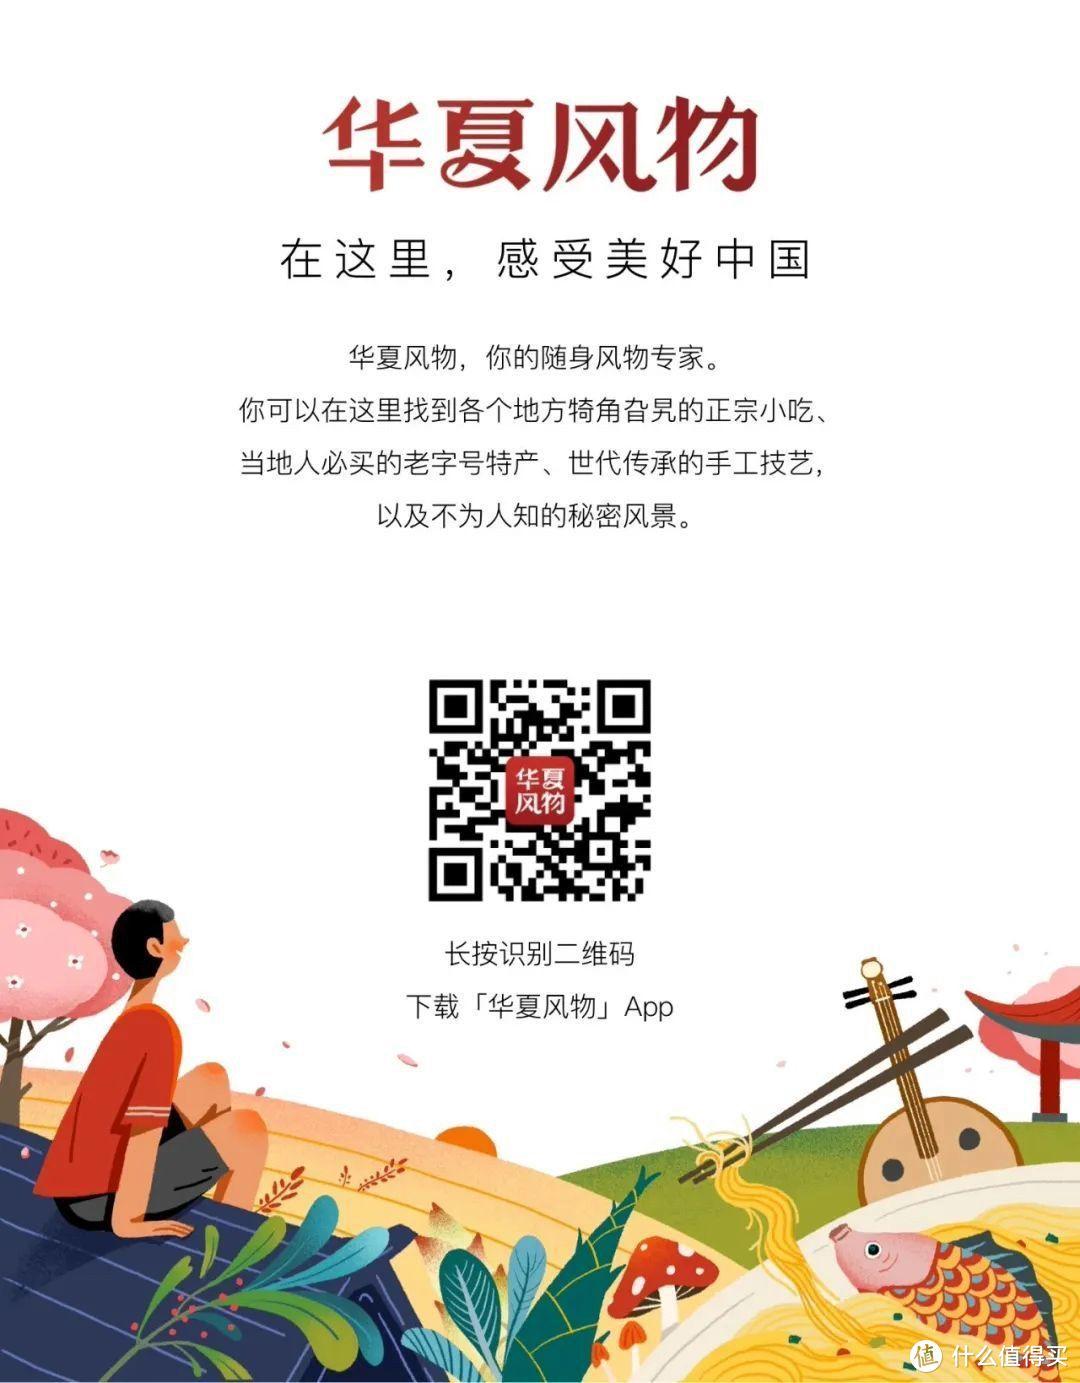 风物推荐7.20|合江荔枝,岭南荔枝季的压轴大戏现已上演